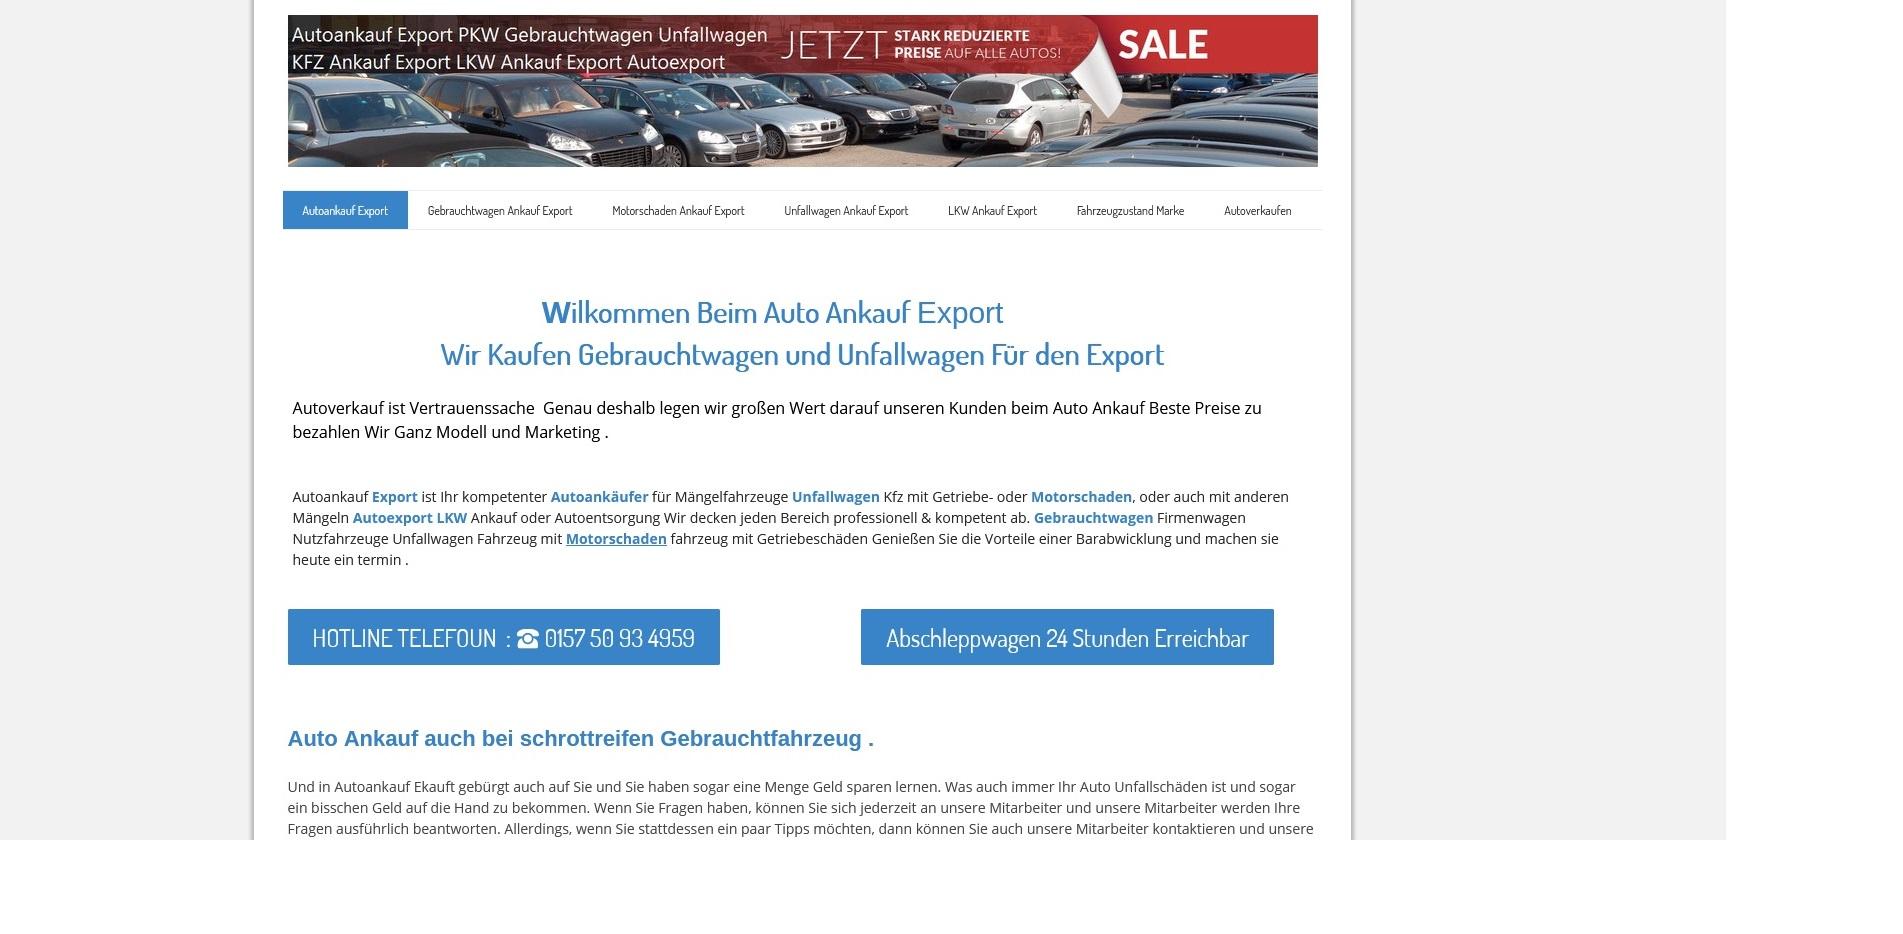 autoankauf erlangen in verbindung setzen und preisvergleichen - Autoankauf Erlangen in Verbindung setzen und Preisvergleichen